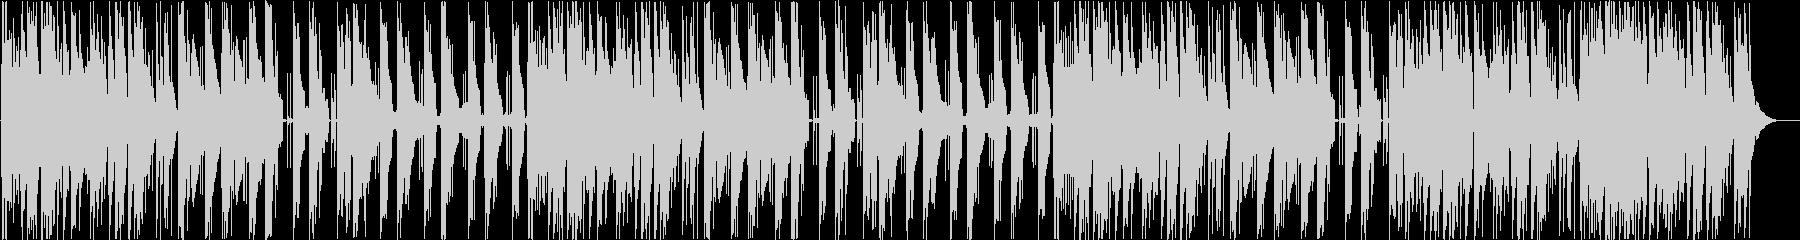 アジアテイストのトラップの未再生の波形